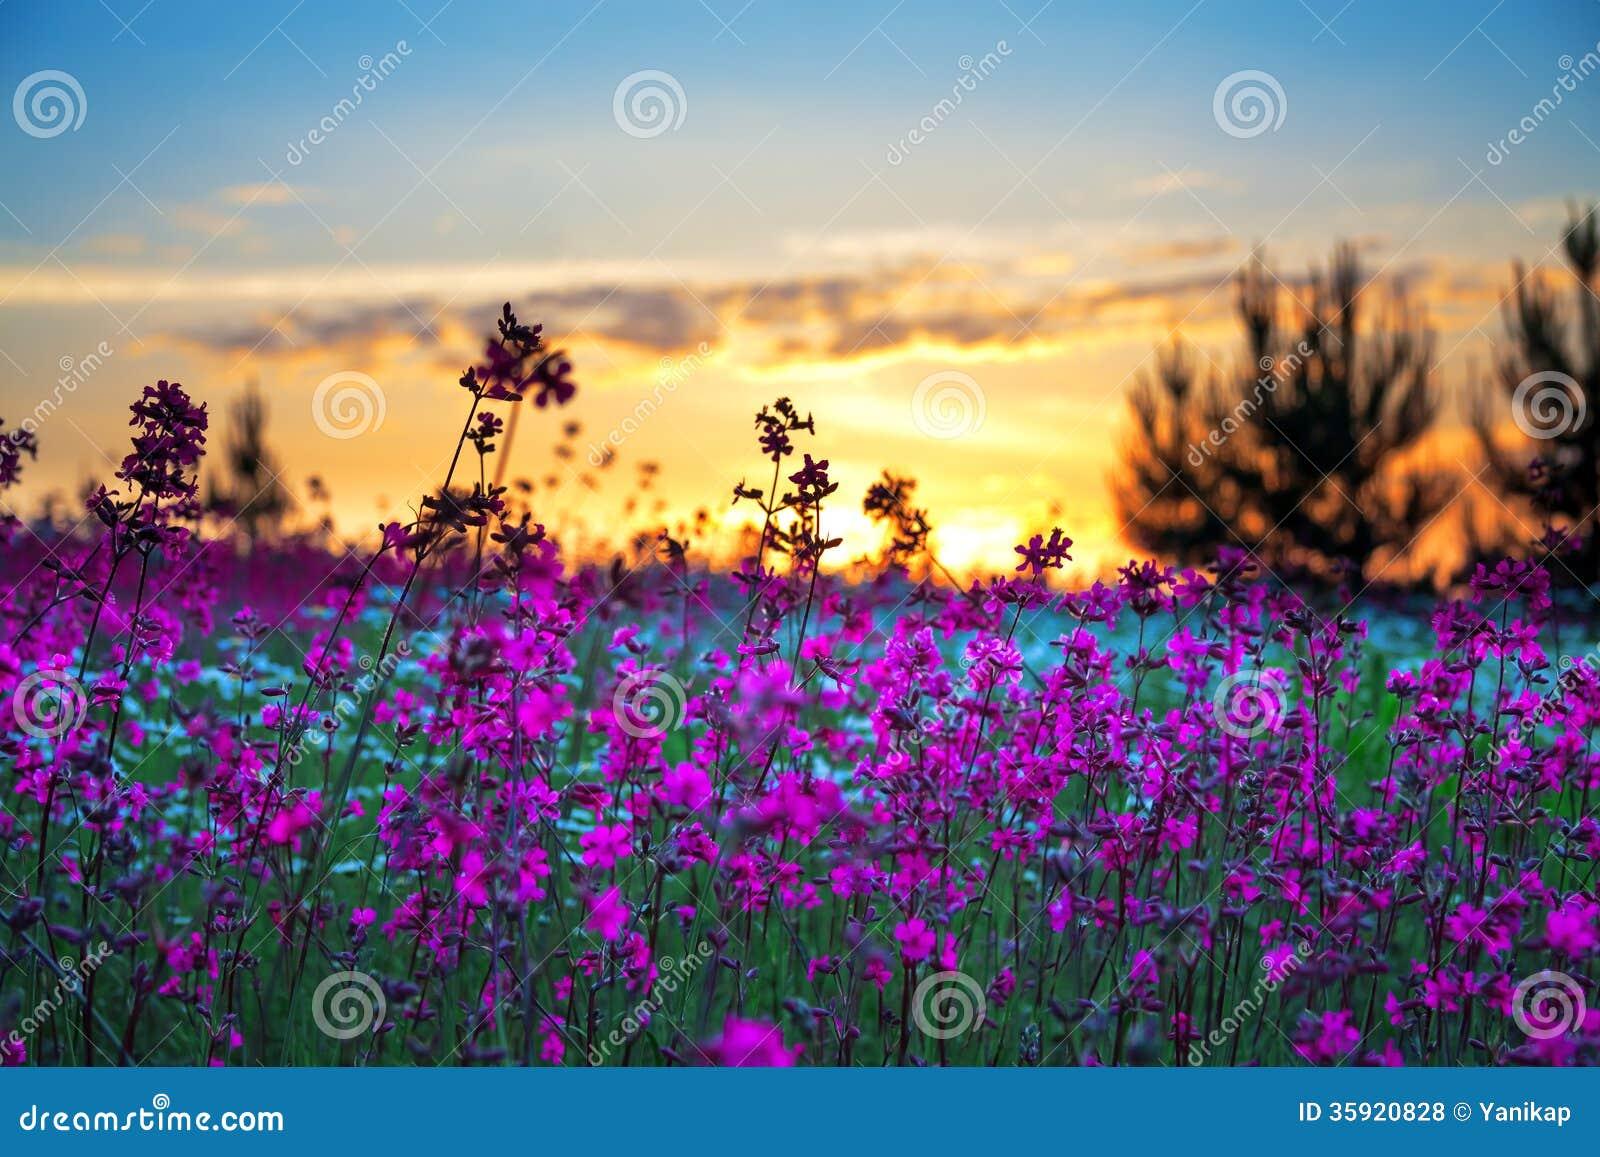 Sommarsoluppgång över en blomstra äng